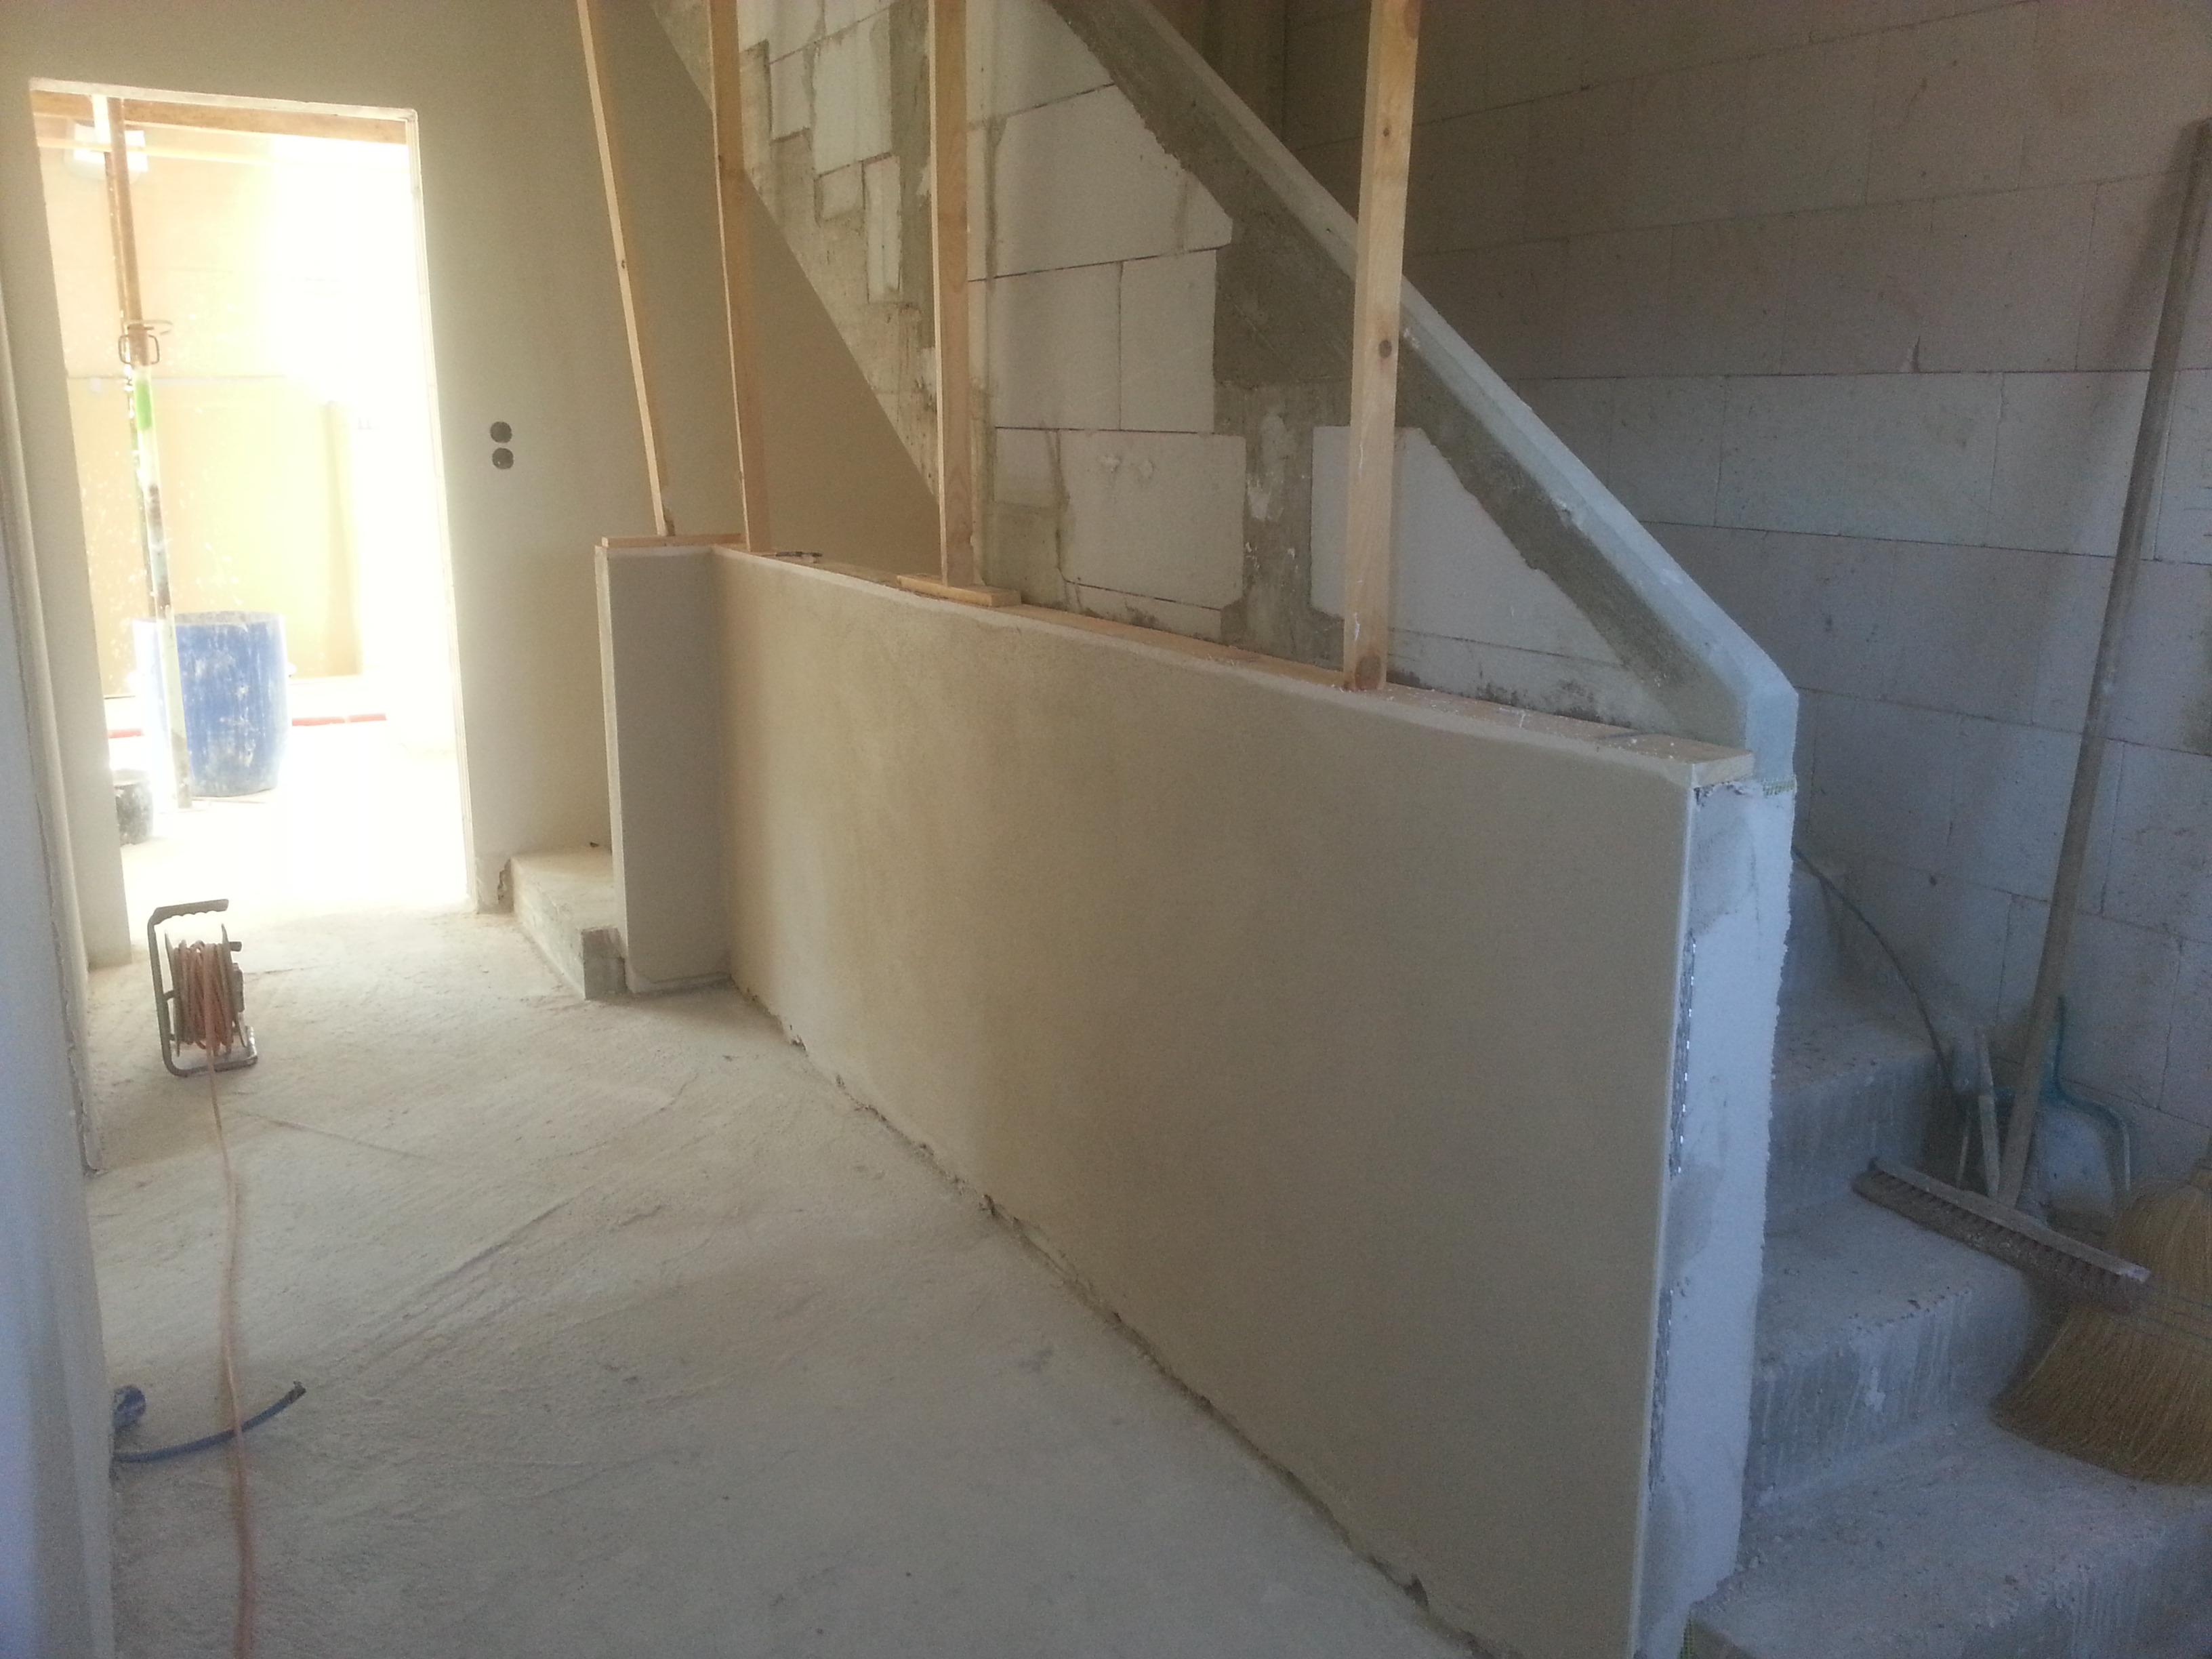 Fabulous Unterkonstruktion für Rigips angebracht | unser Hausbau BQ87